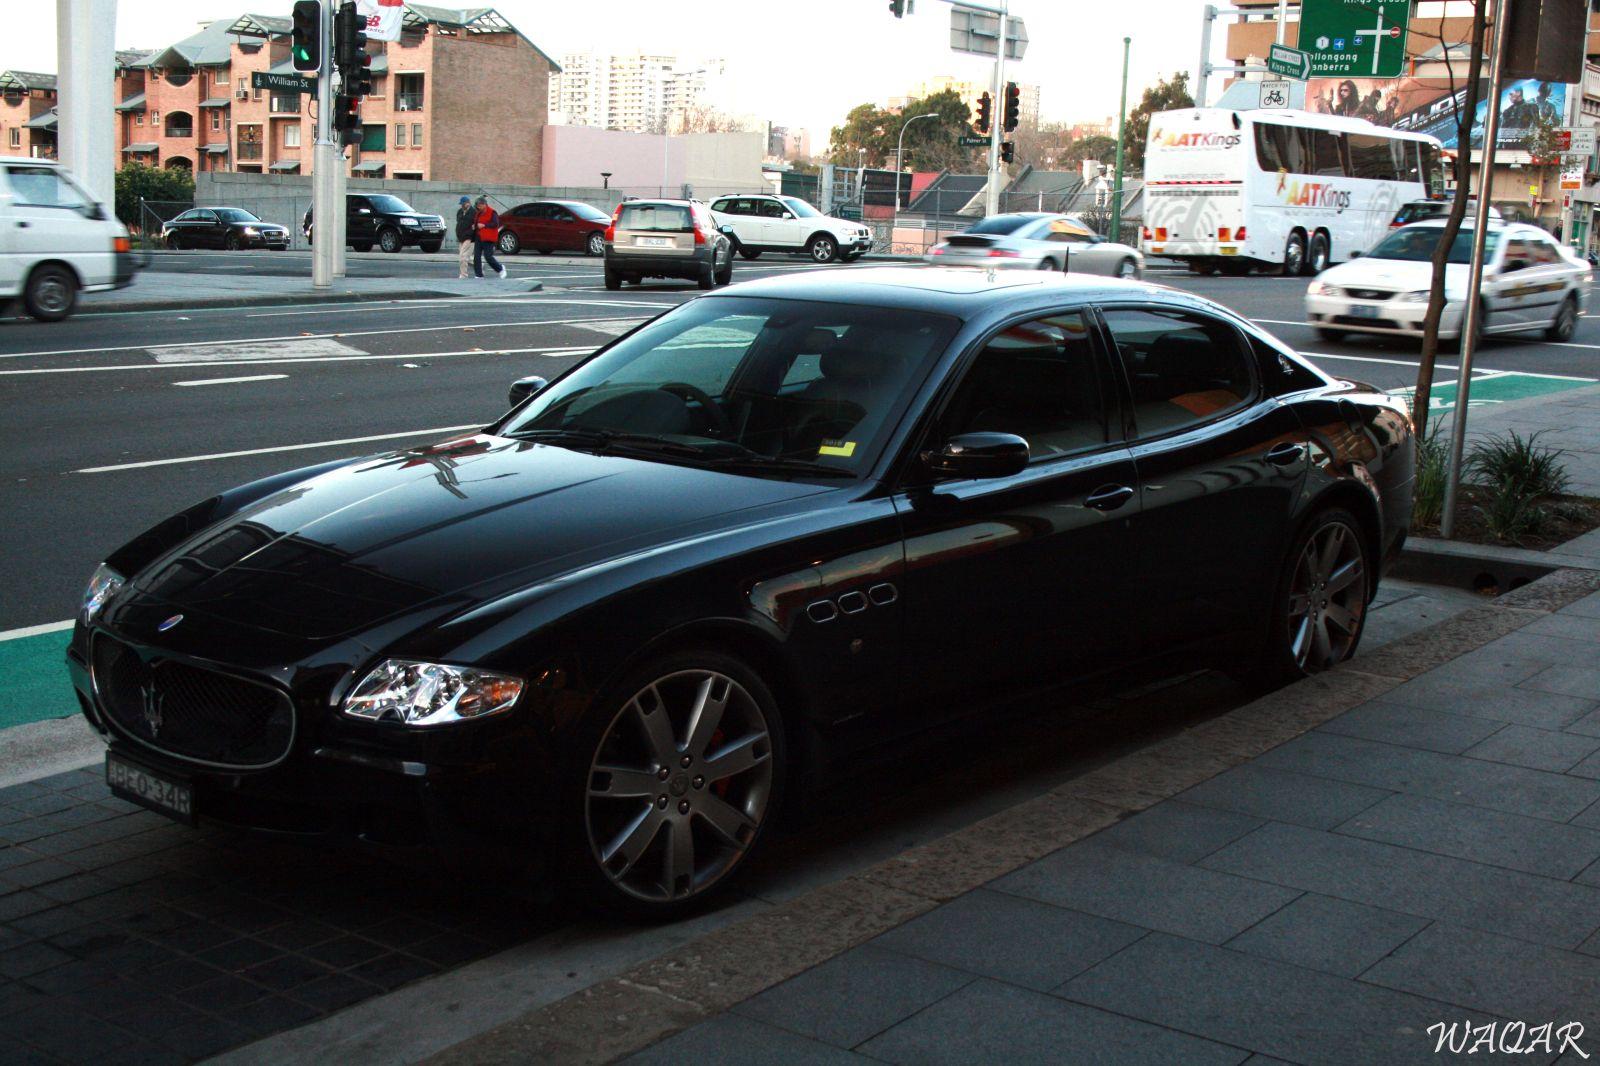 Maserati Quattroporte Spotting